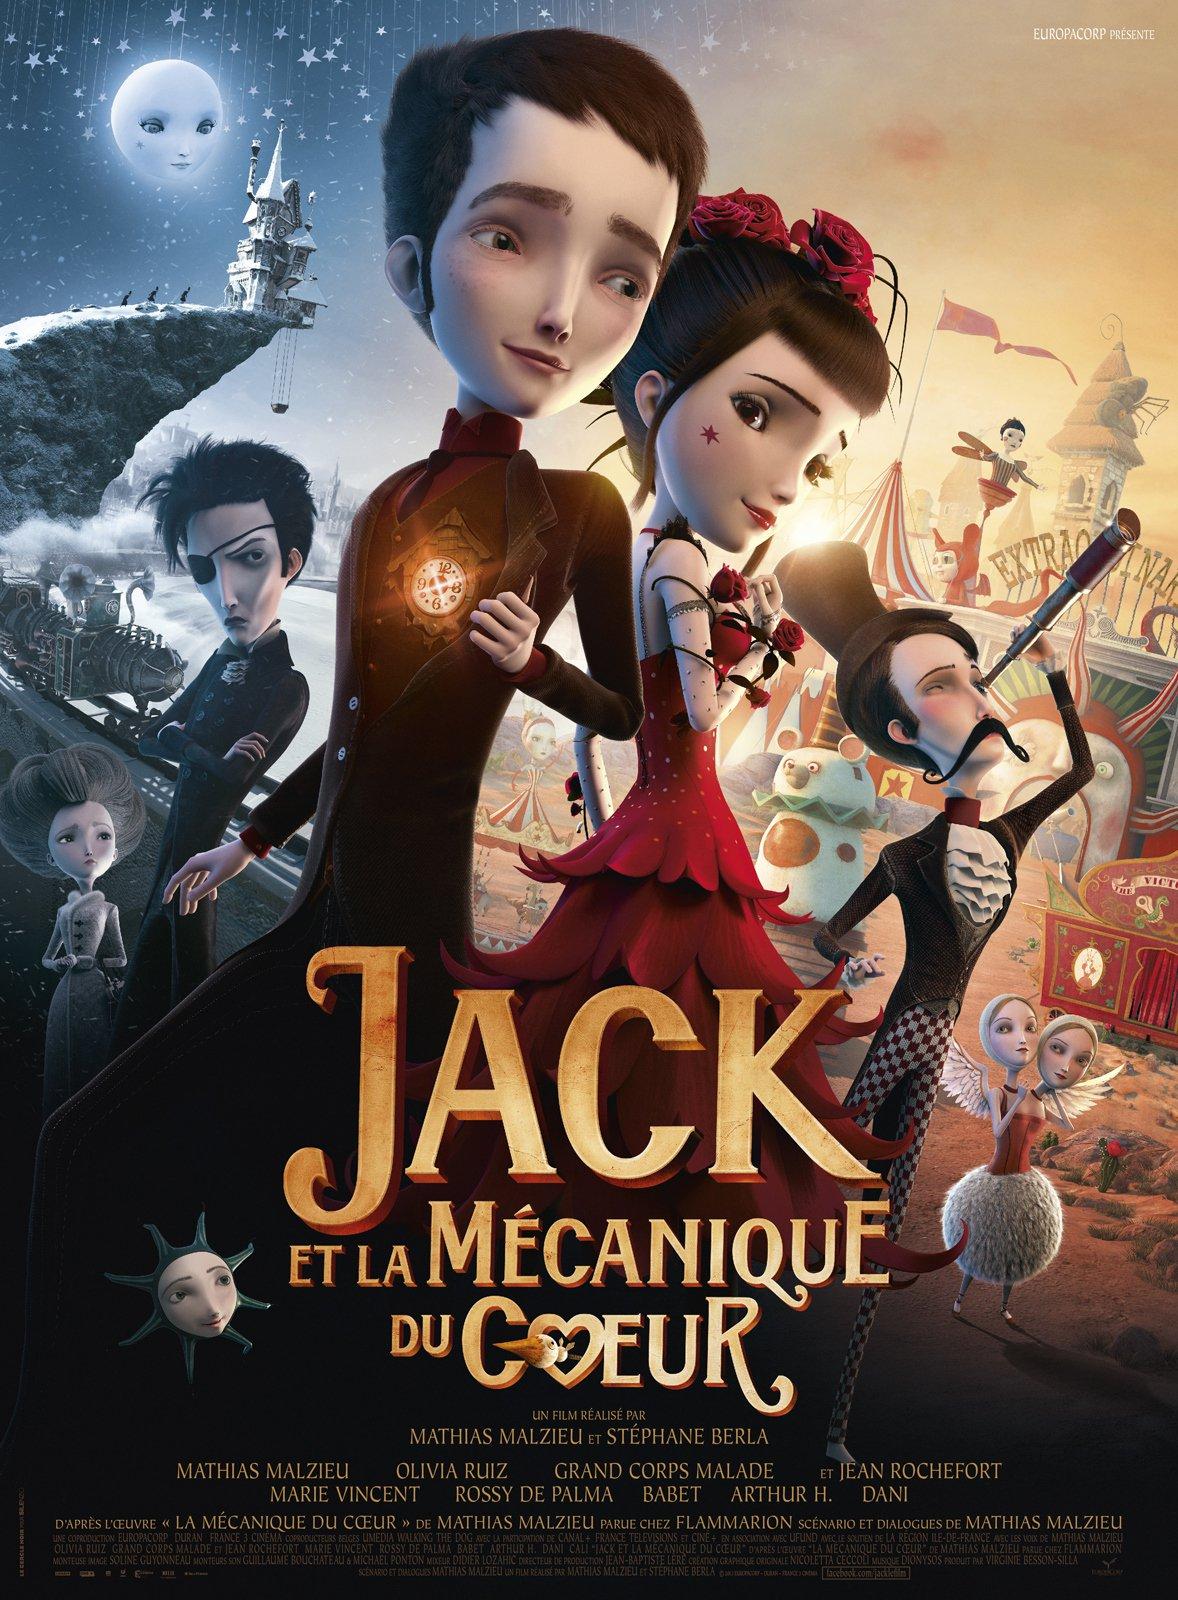 affiche du film Jack et la mécanique du cœur